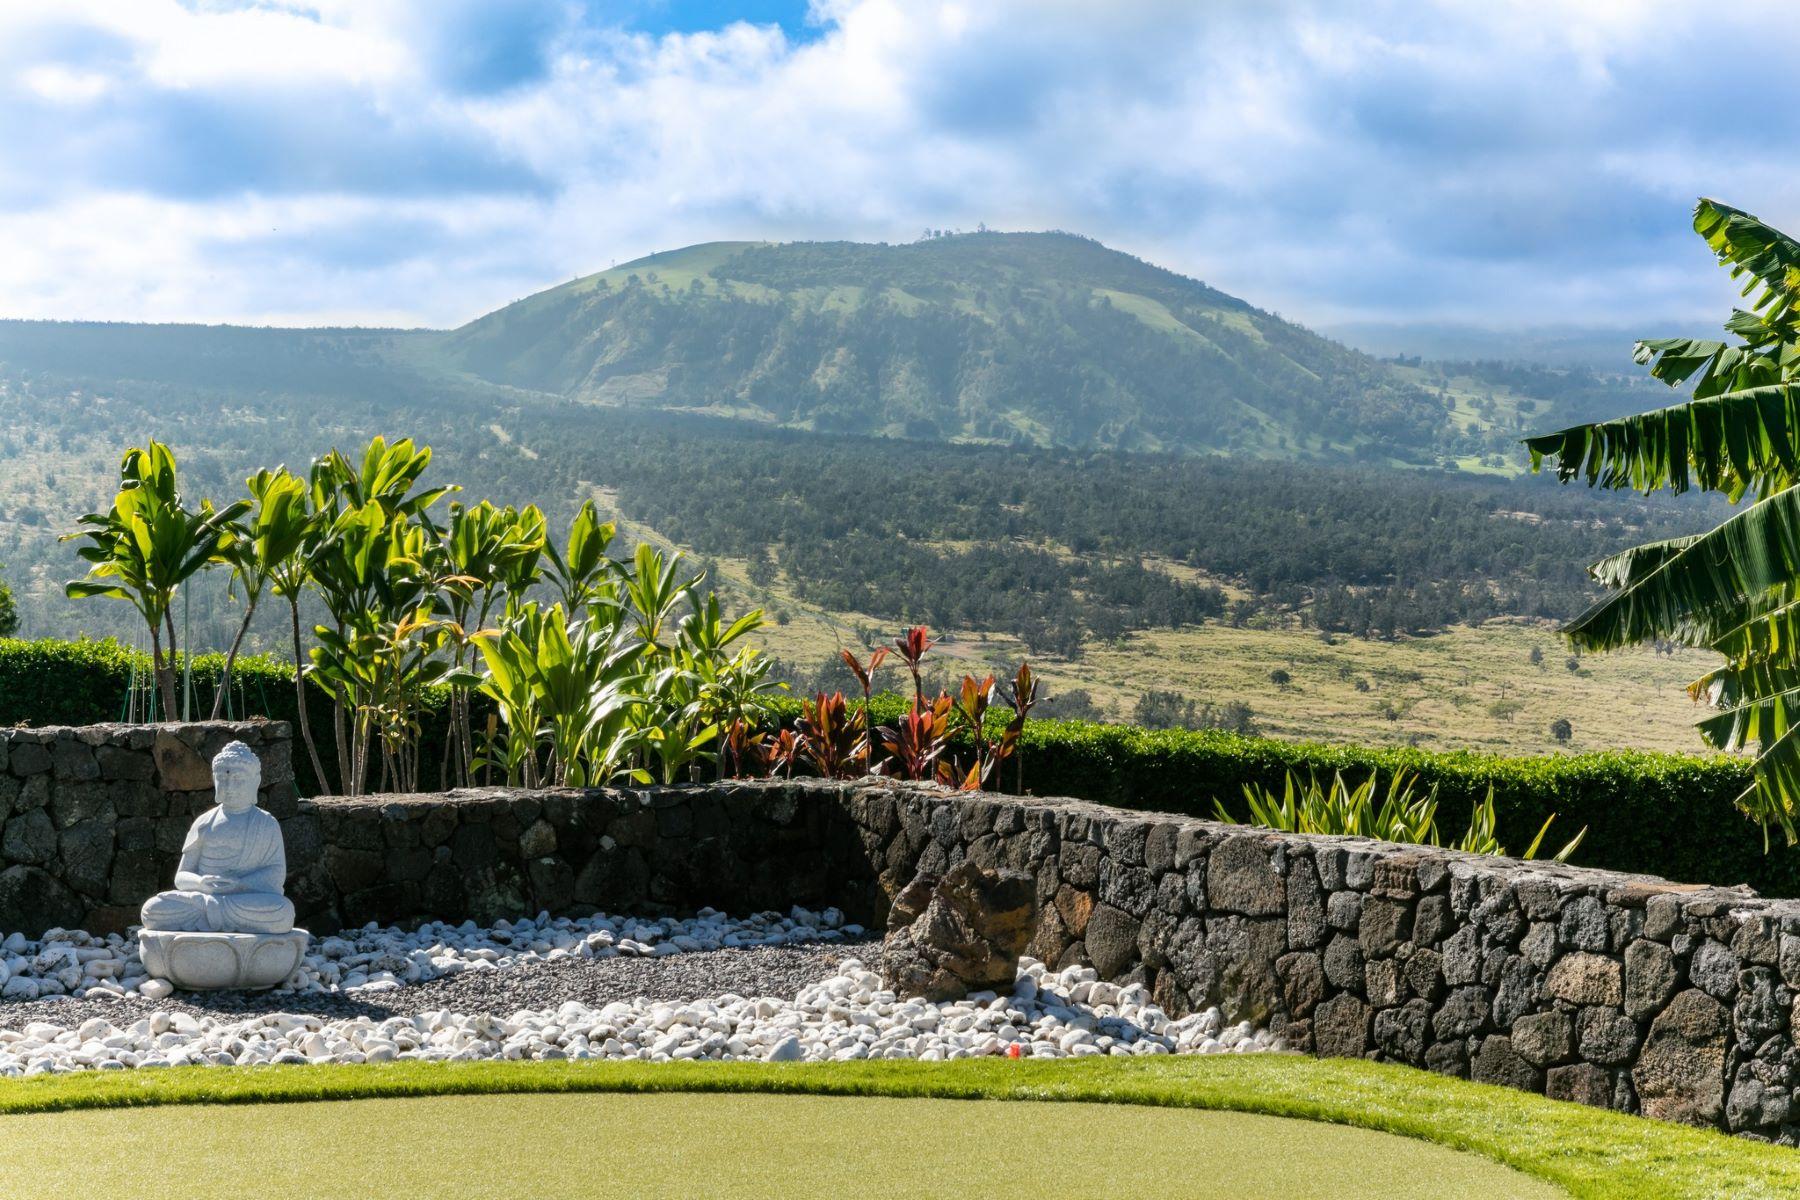 Single Family Home for Sale at 71-1626 Puu Napoo Dr. Kailua-Kona, Hawaii, 96740 United States